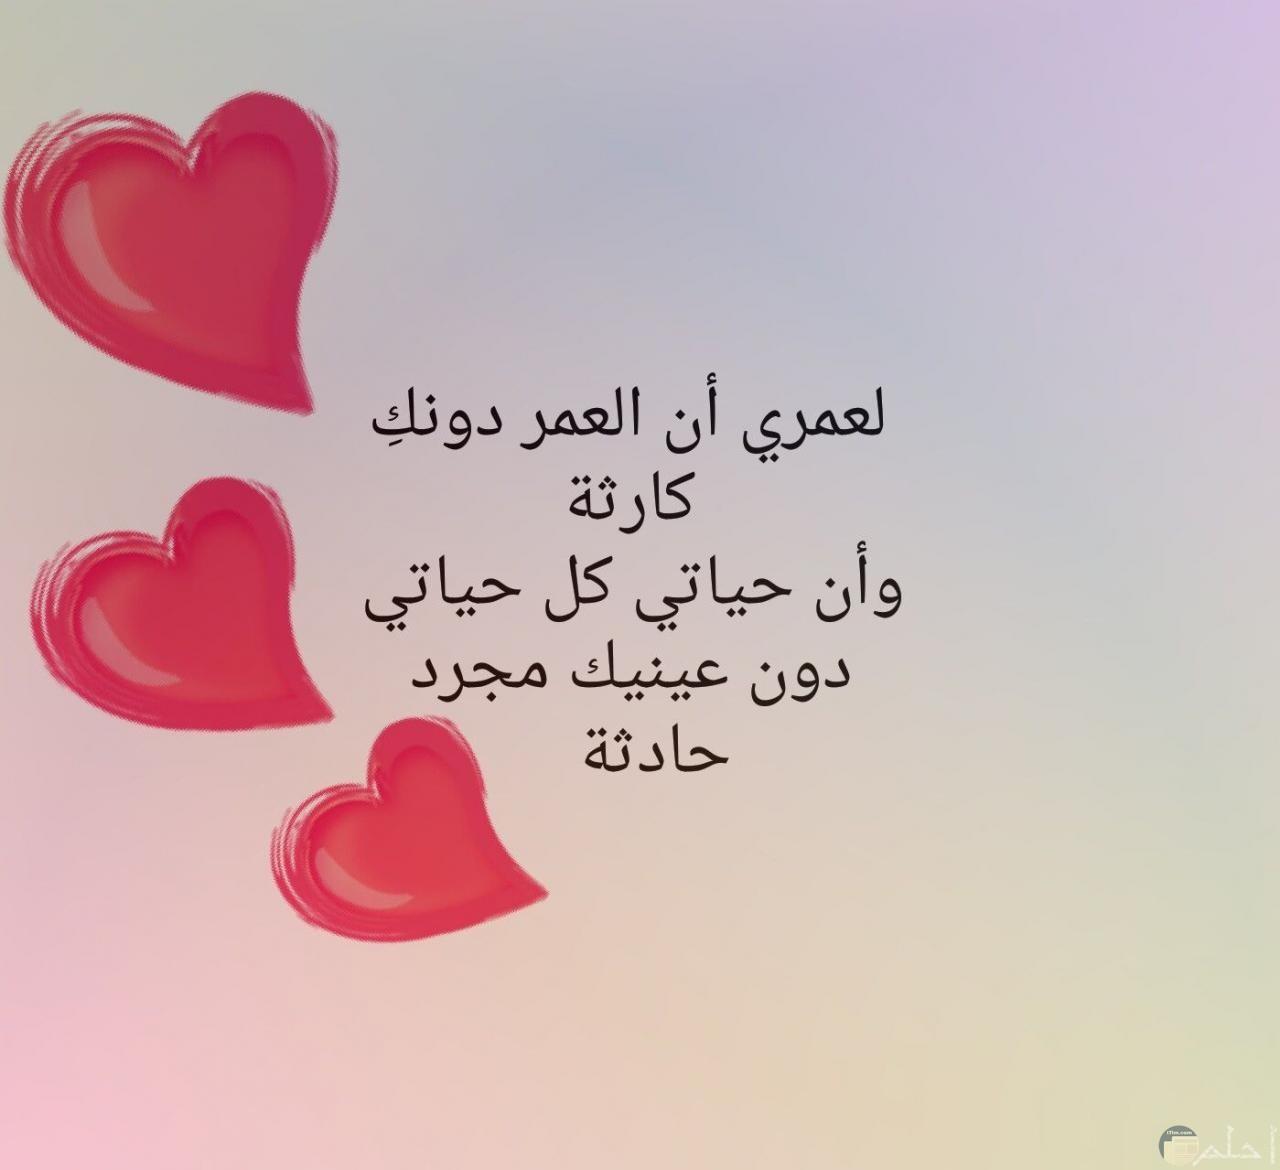 حب و غزل رومانسي.